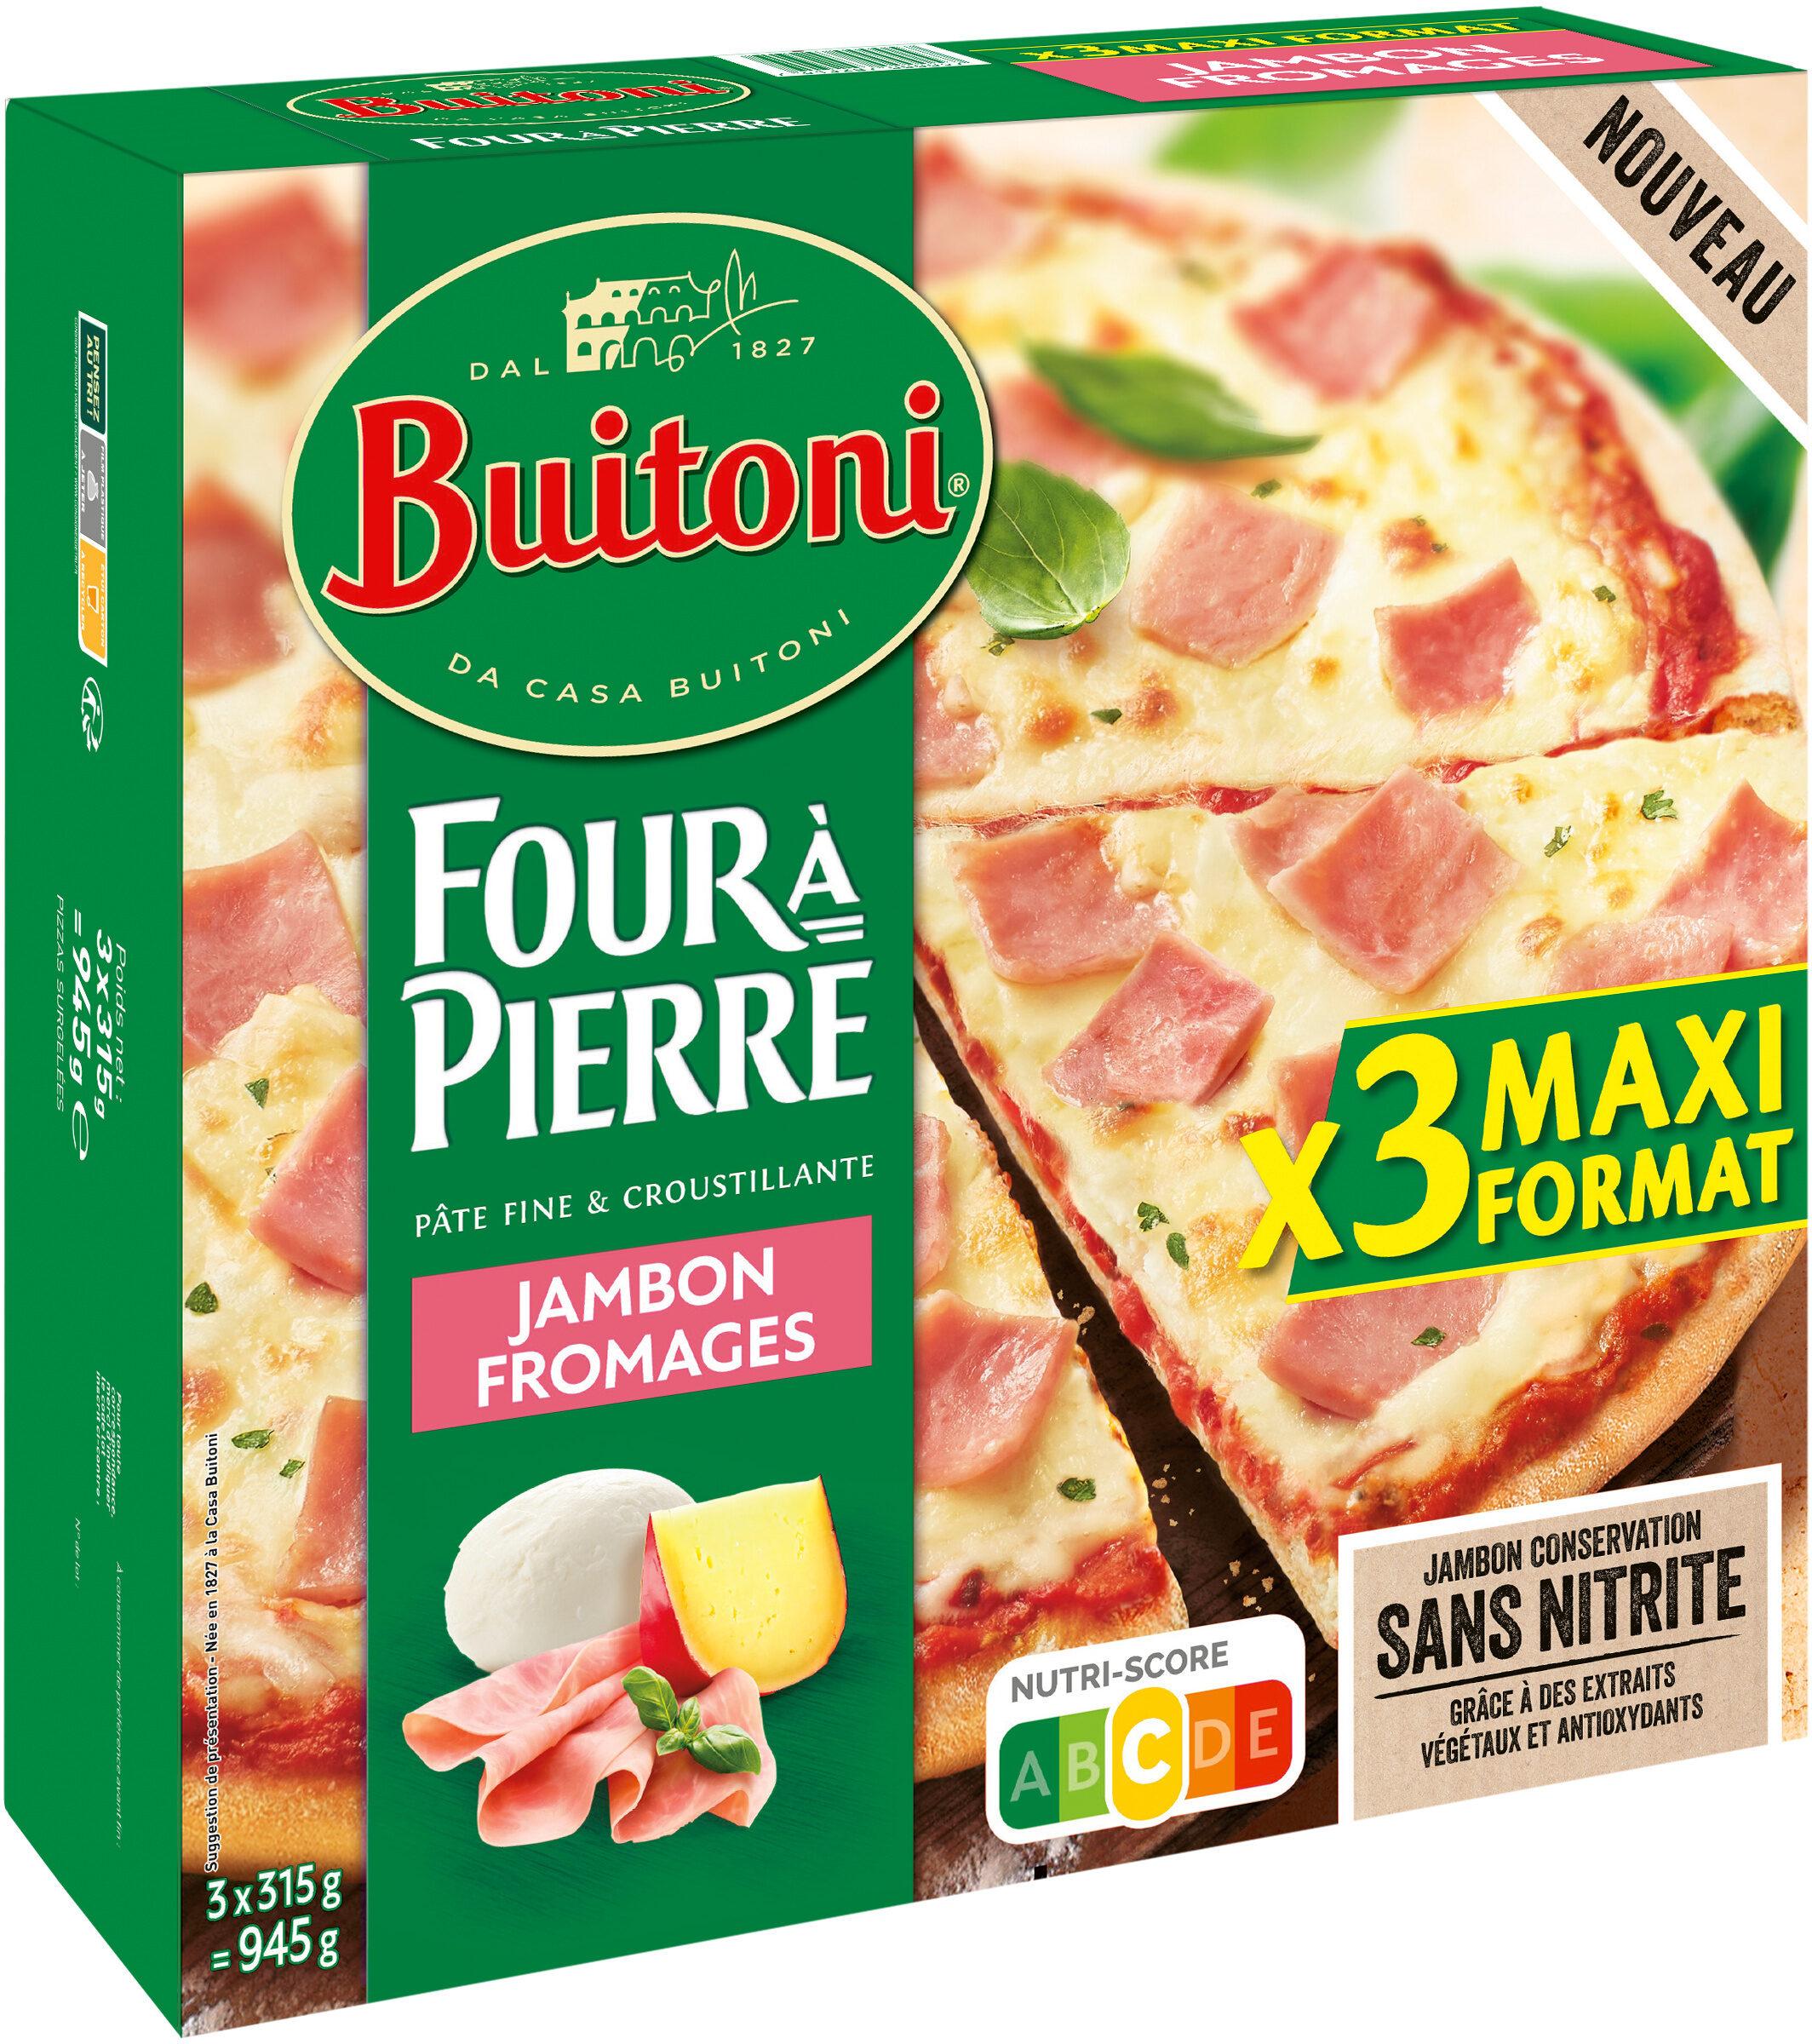 BUITONI FOUR A PIERRE pizza surgelée Jambon Fromages MAXI 3x315g - Produit - fr